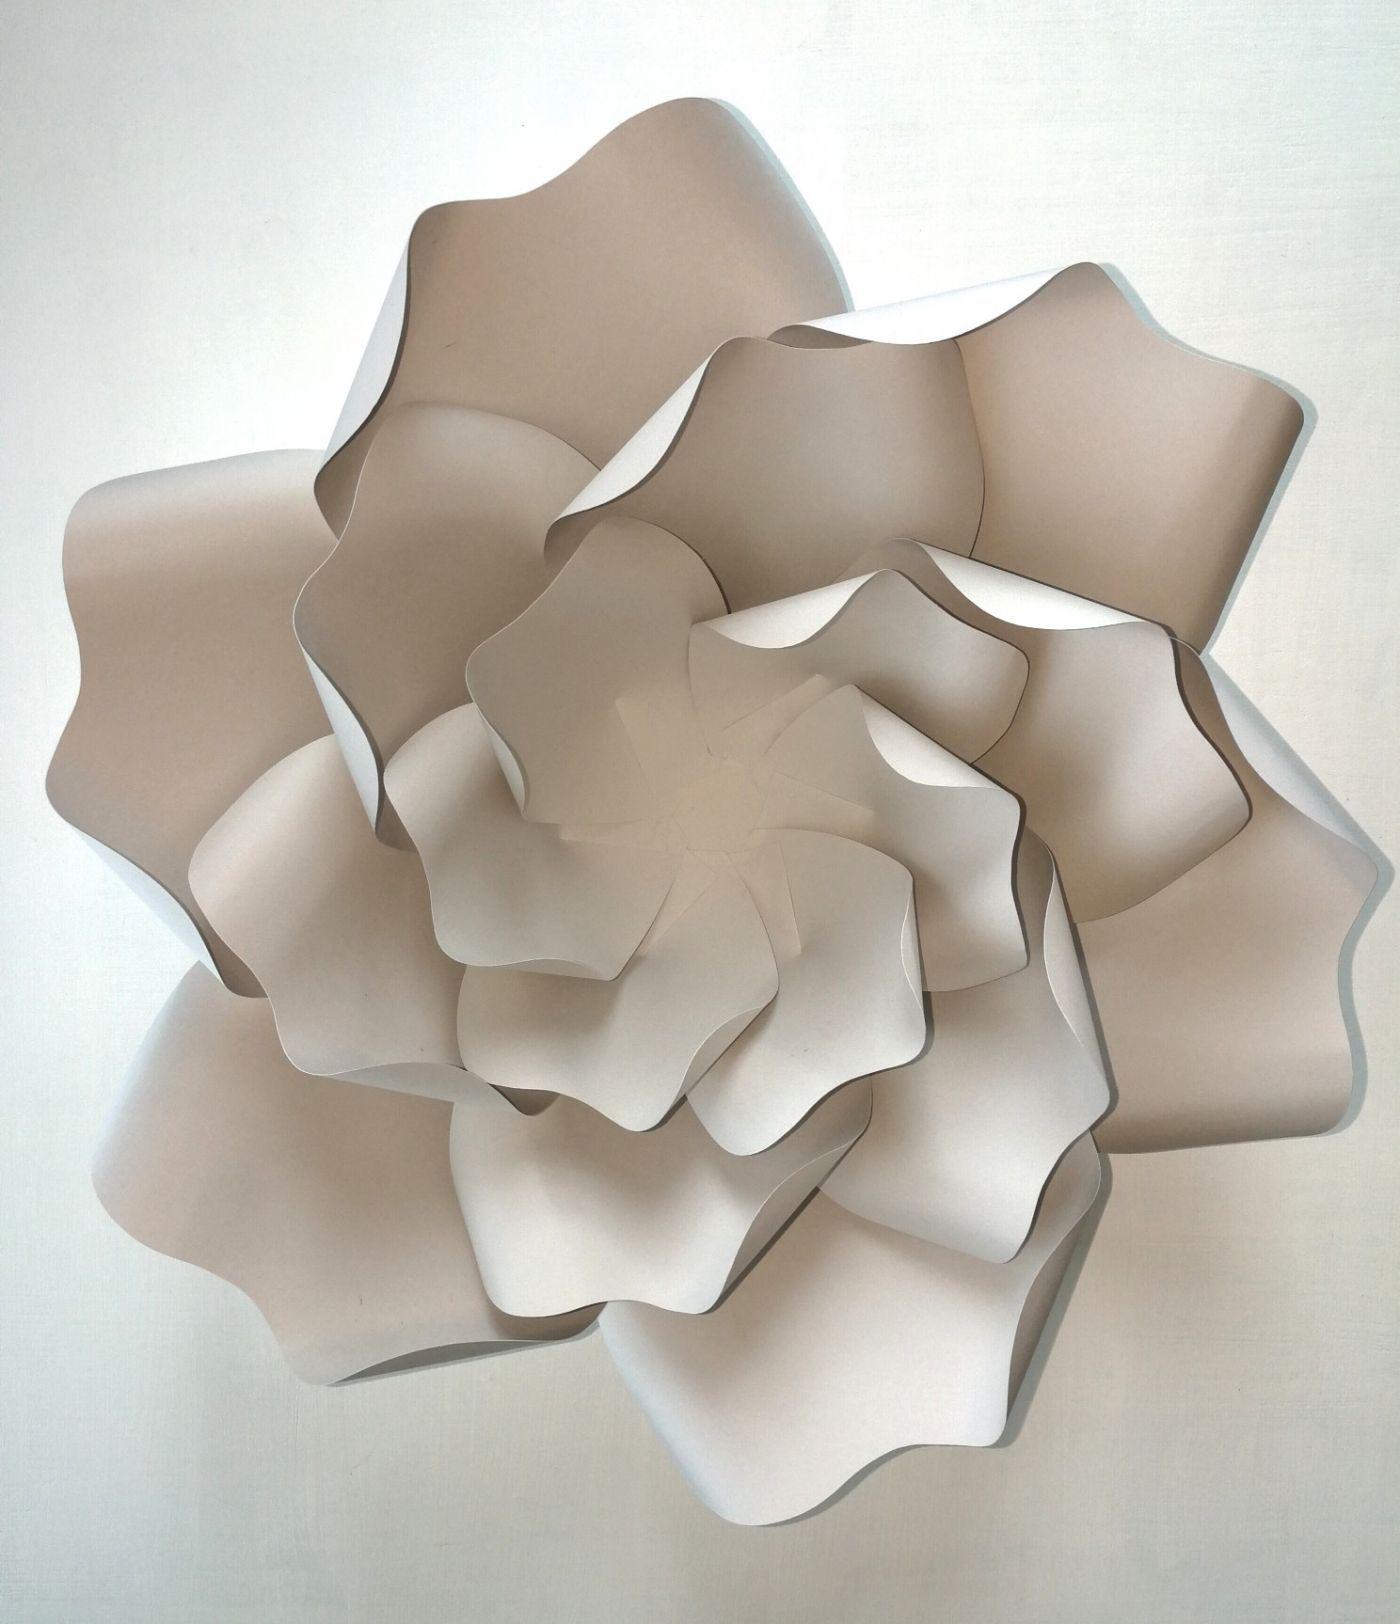 DIY Minimalist Paper Flower Wedding Decorations #easypaperflowers